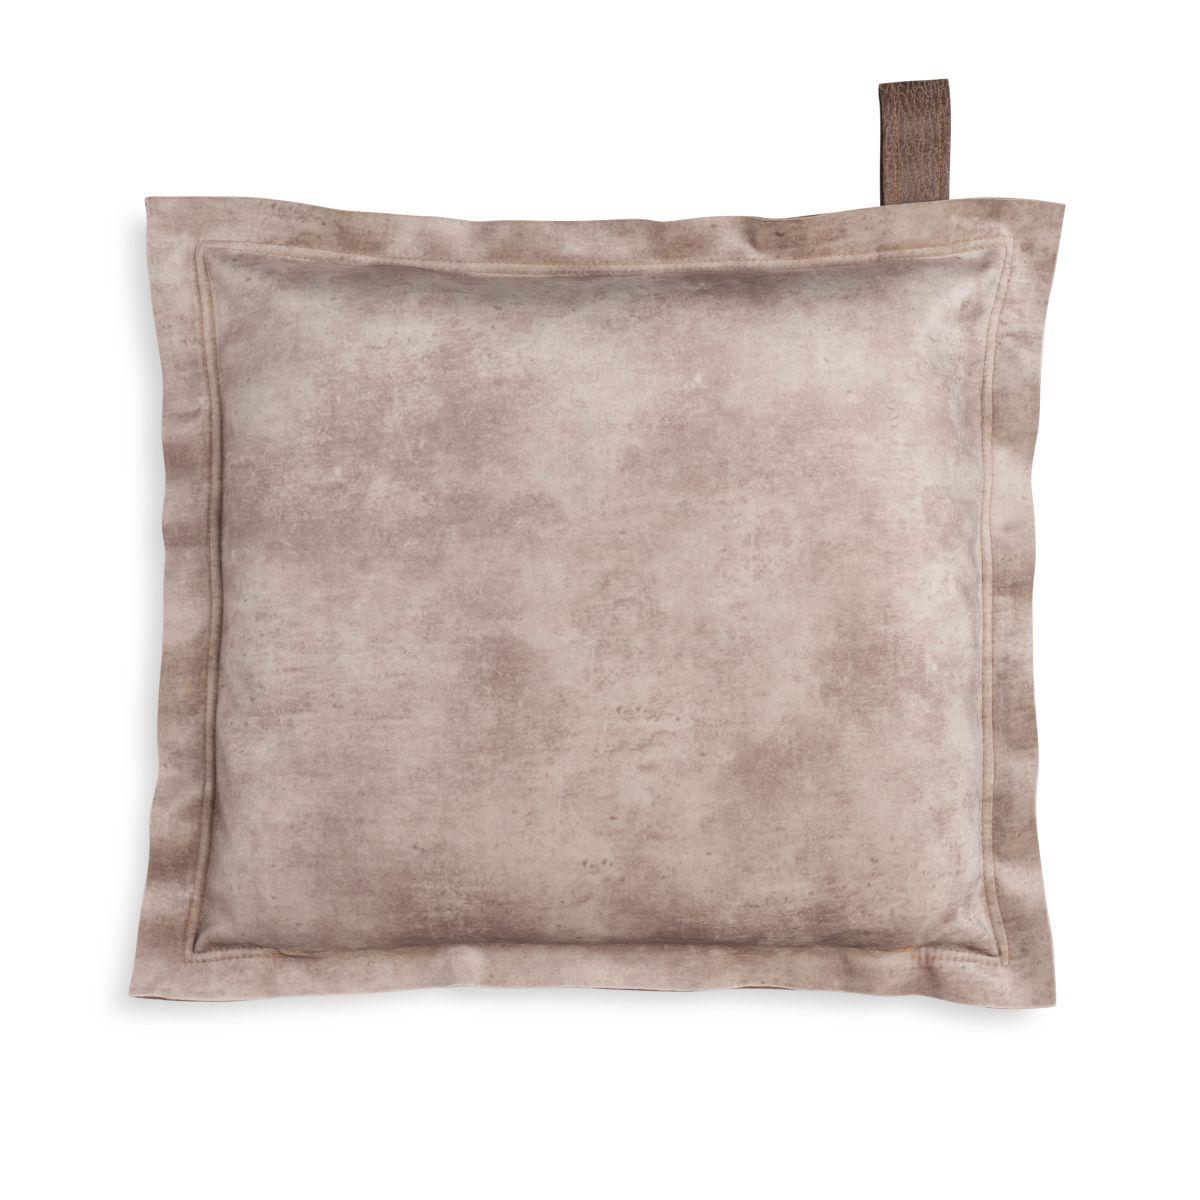 dax cushion beige 50x50